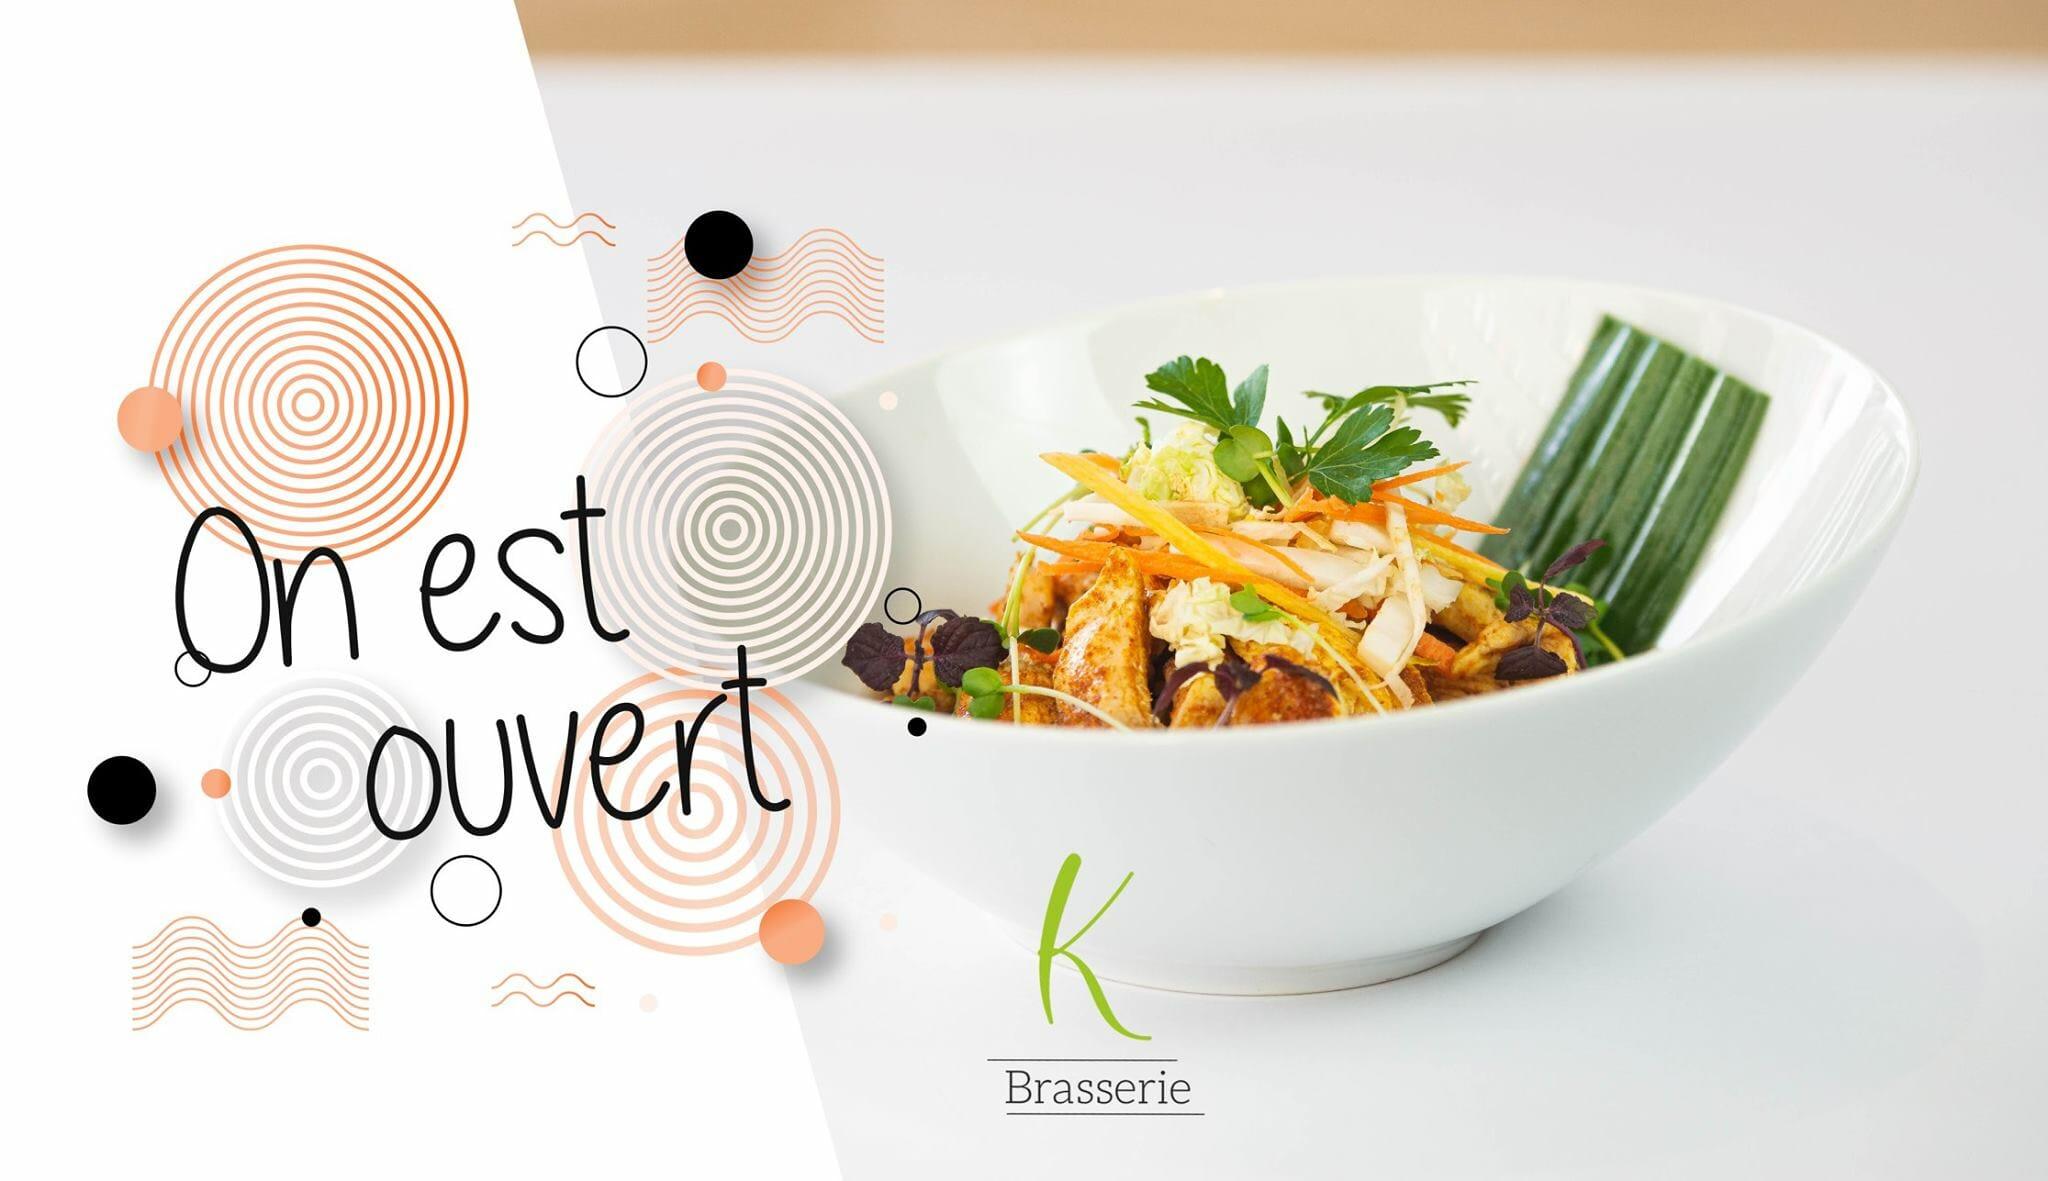 Annonce de l'ouverture de Brasserie K Mulhouse